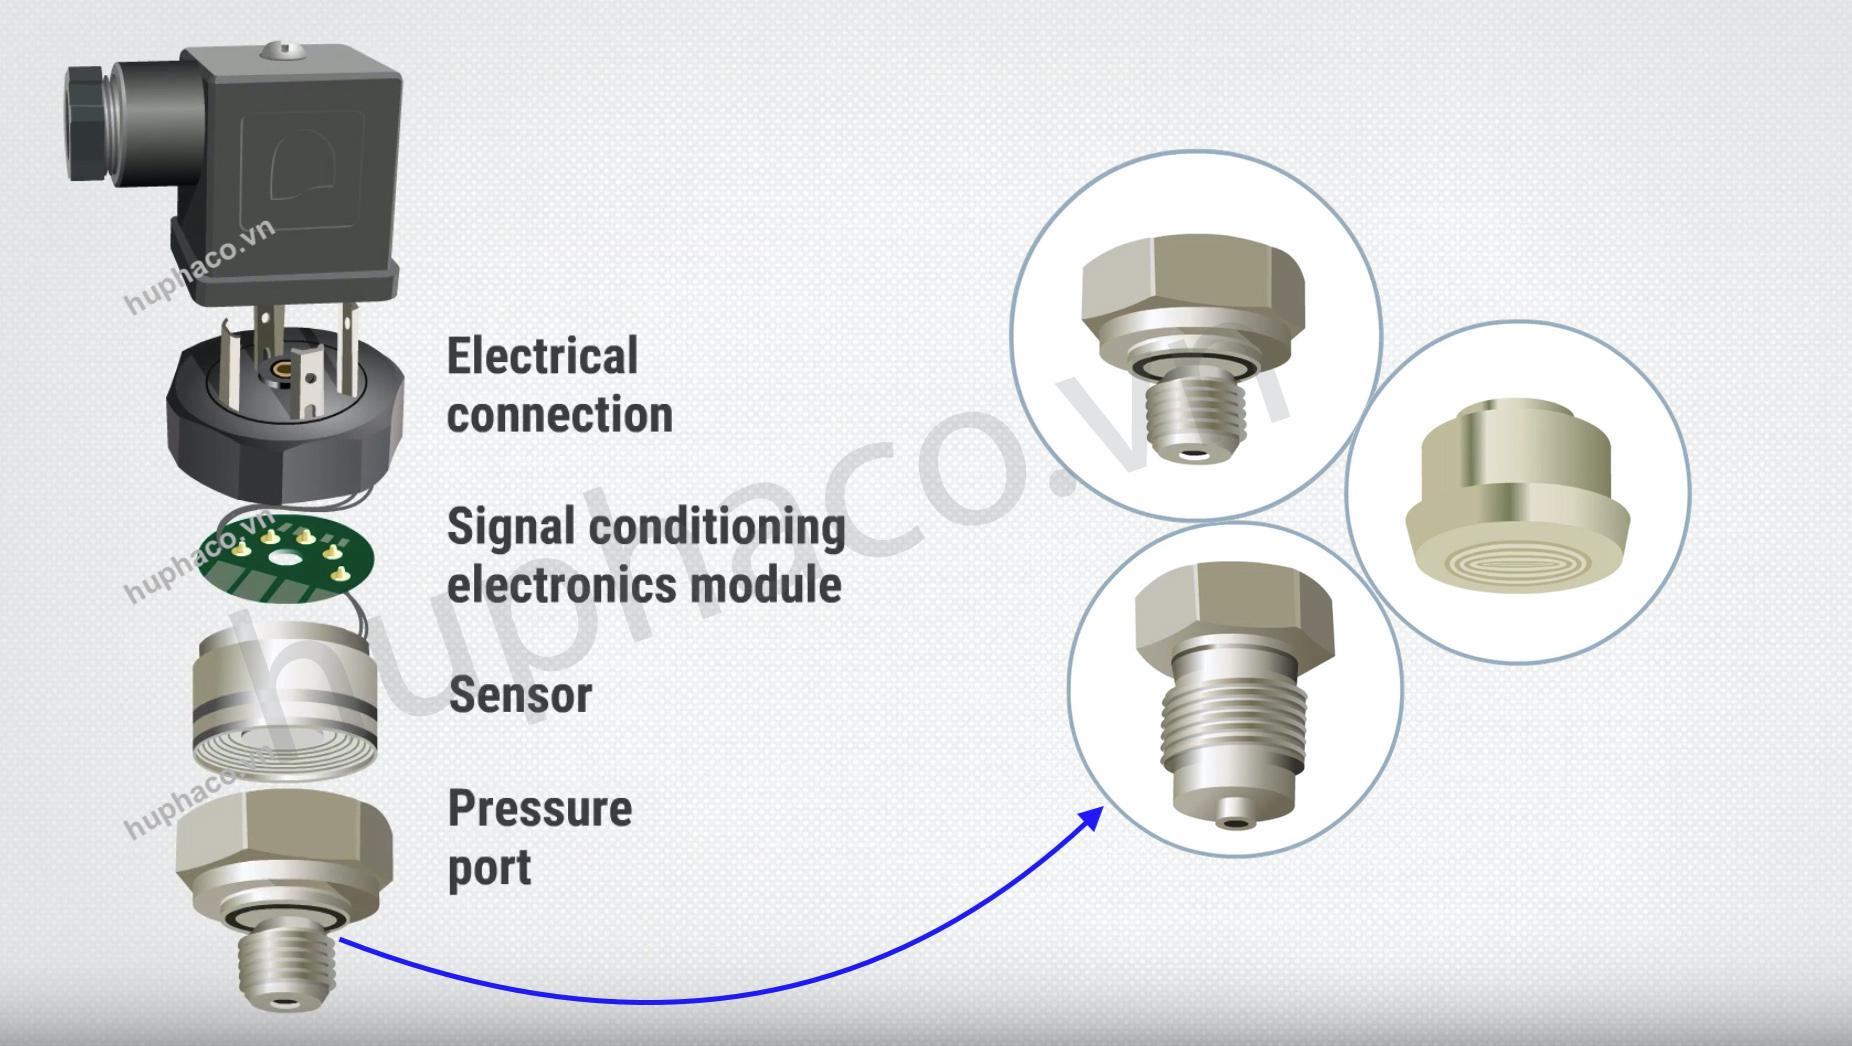 Ren kết nối được sử dụng phổ biến trên cảm biến áp suất